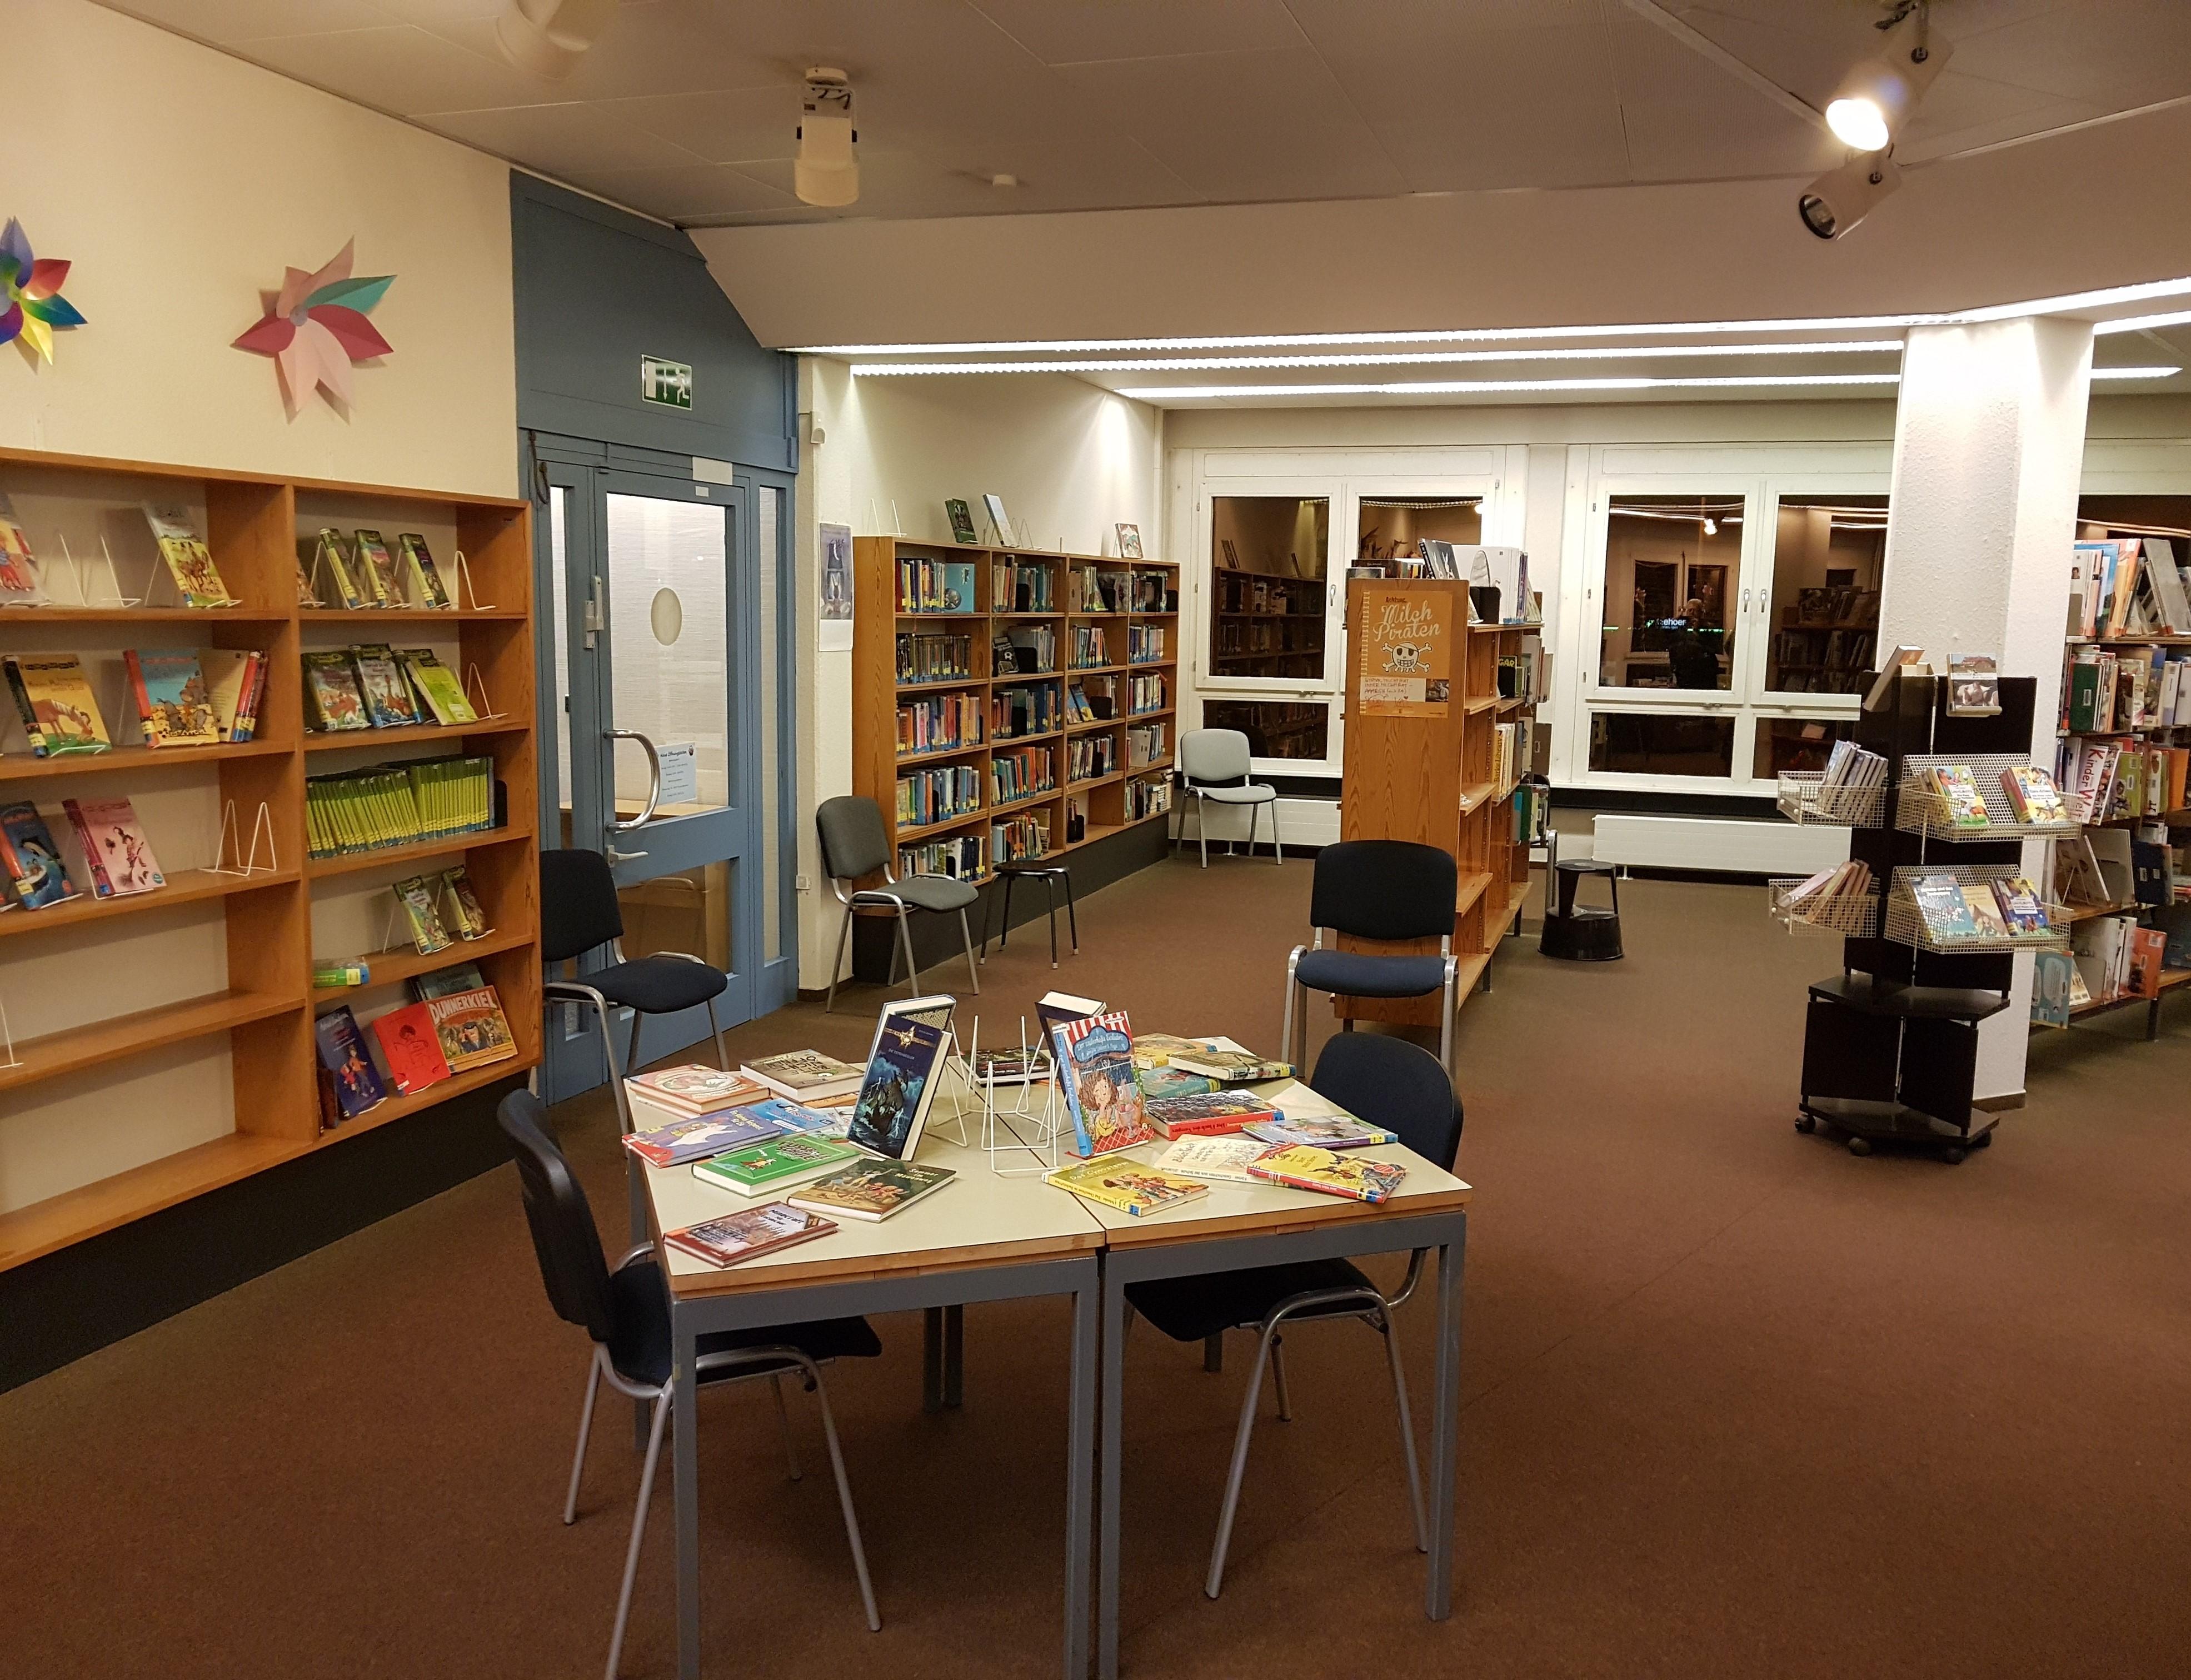 Wahlstedts Bücherei im desolatem Zustand